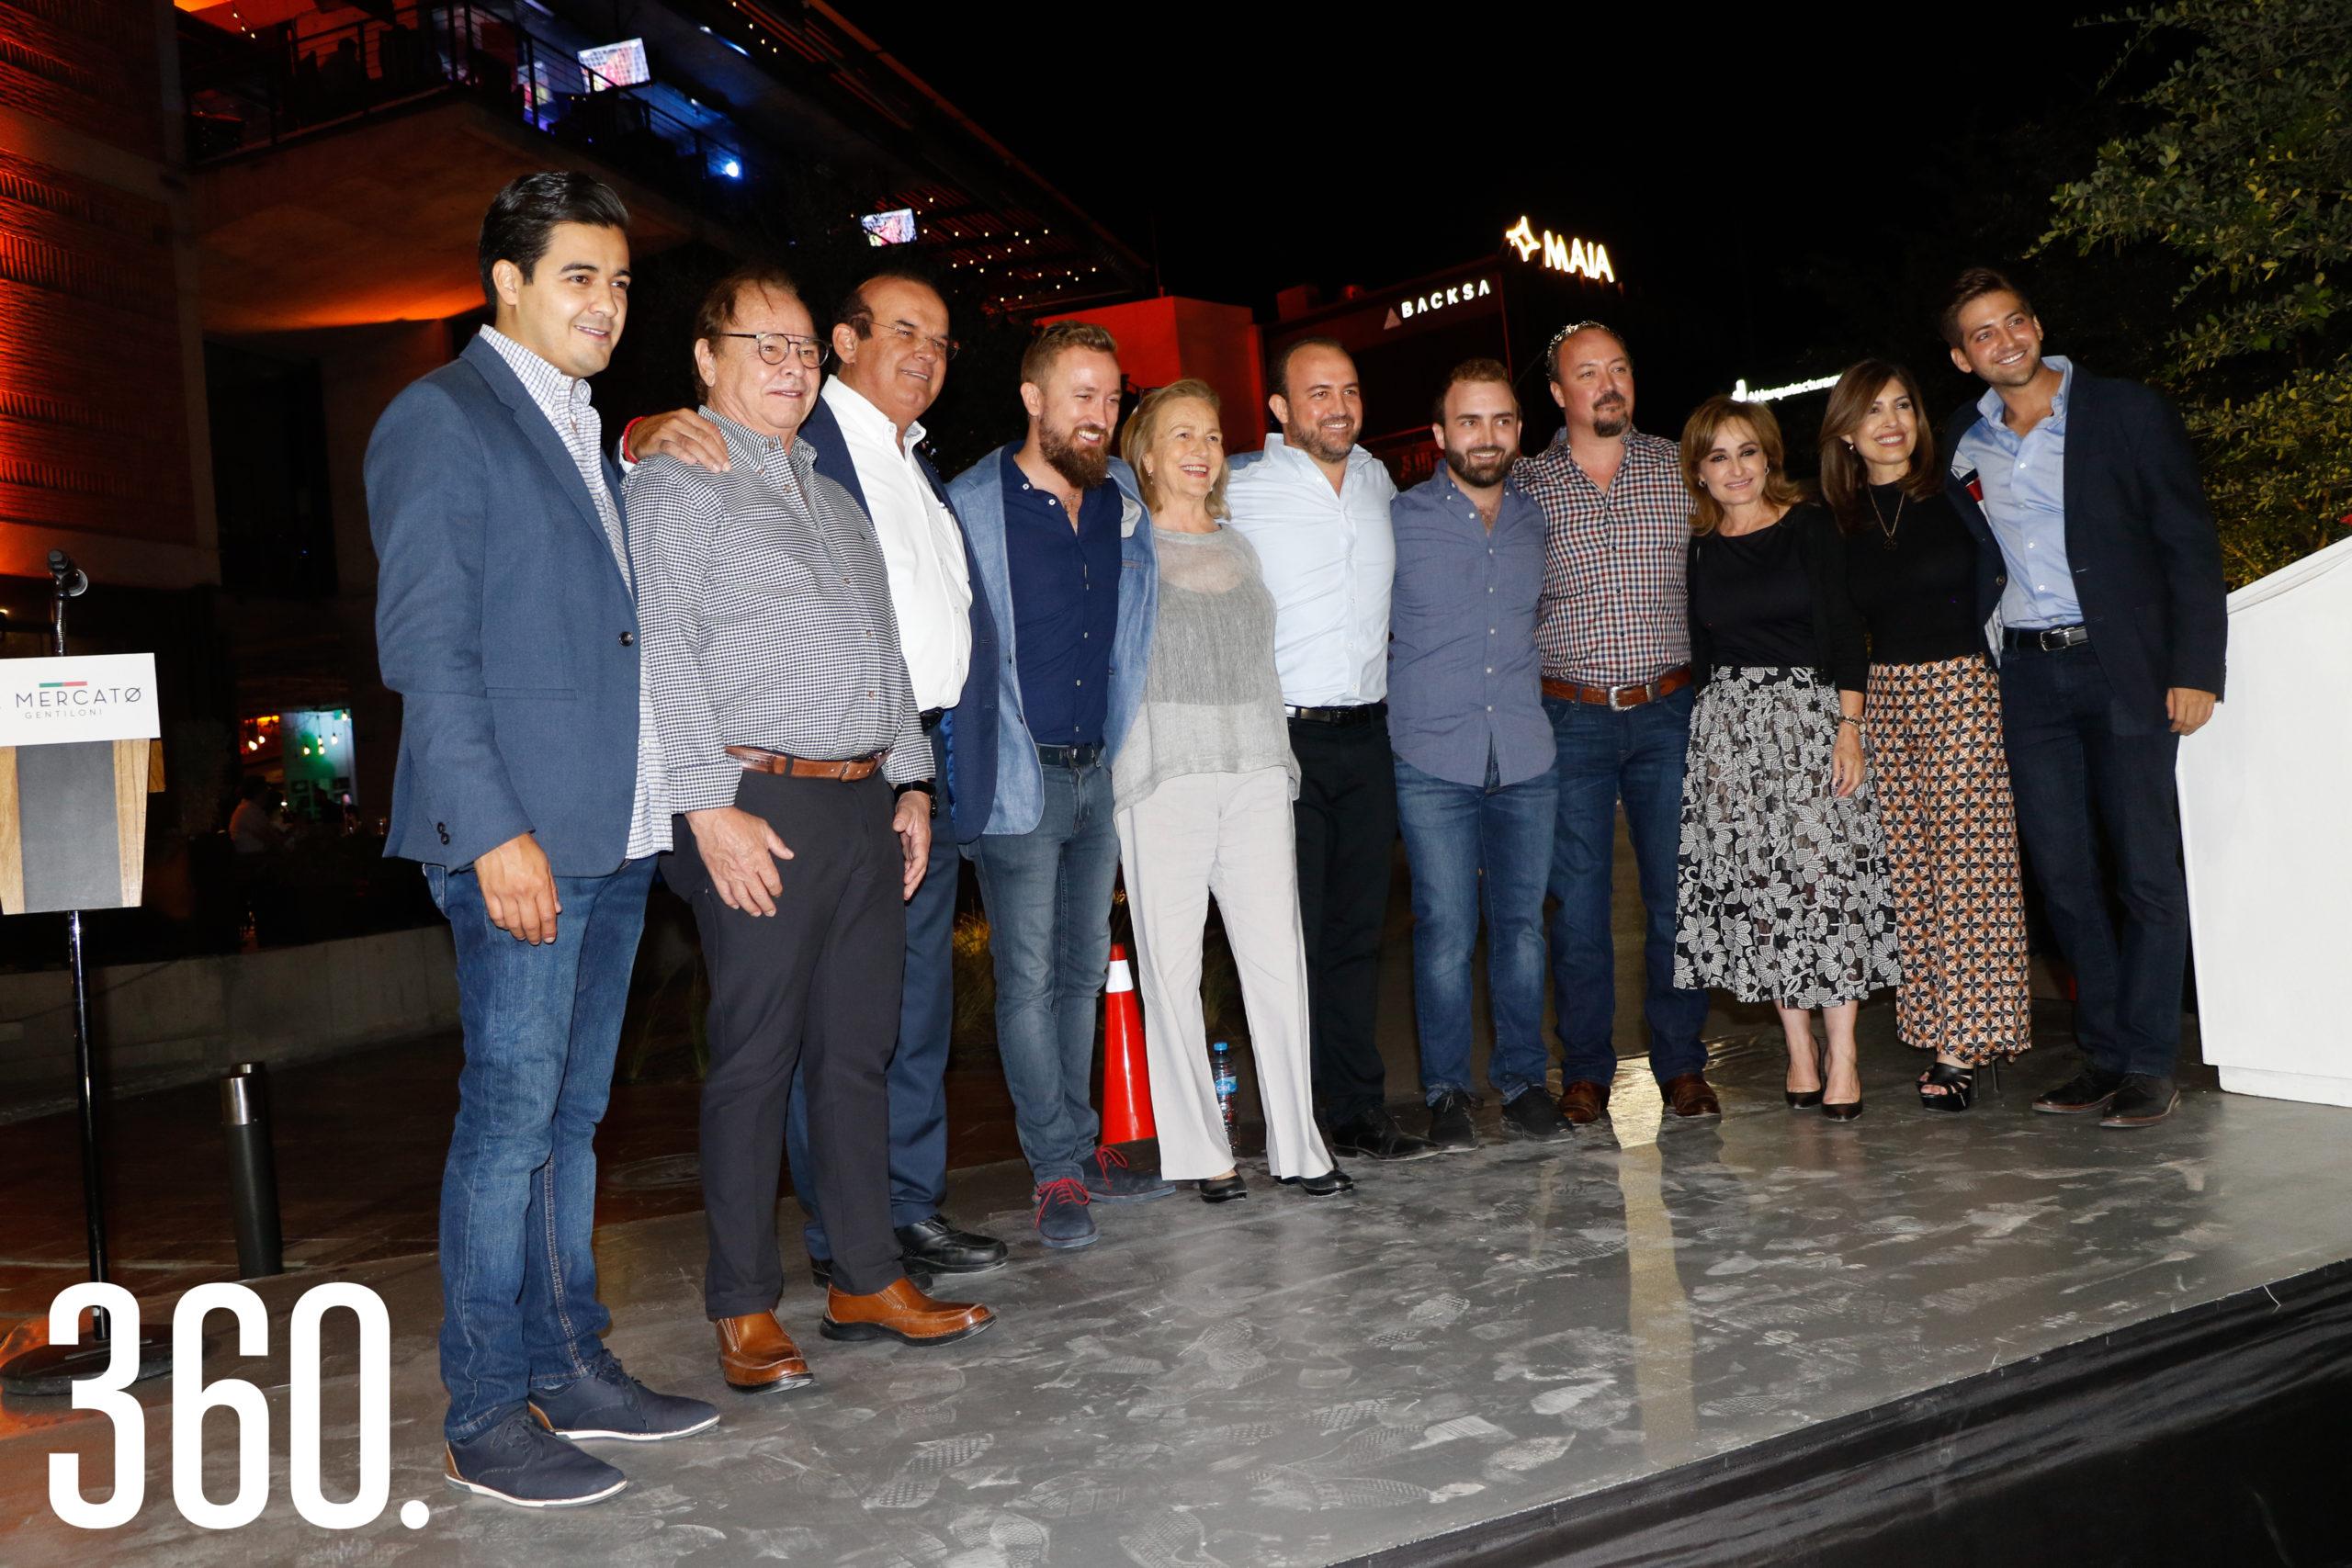 Eder López, Roberto Bernal, Jaime Guerra, Fabio Gentiloni, Beatriz Arizpe, Blas Gentiloni, Pedro Gentiloni, Lito Gentiloni, Azucena Ramos, Sofía Camil y Blas Flores.